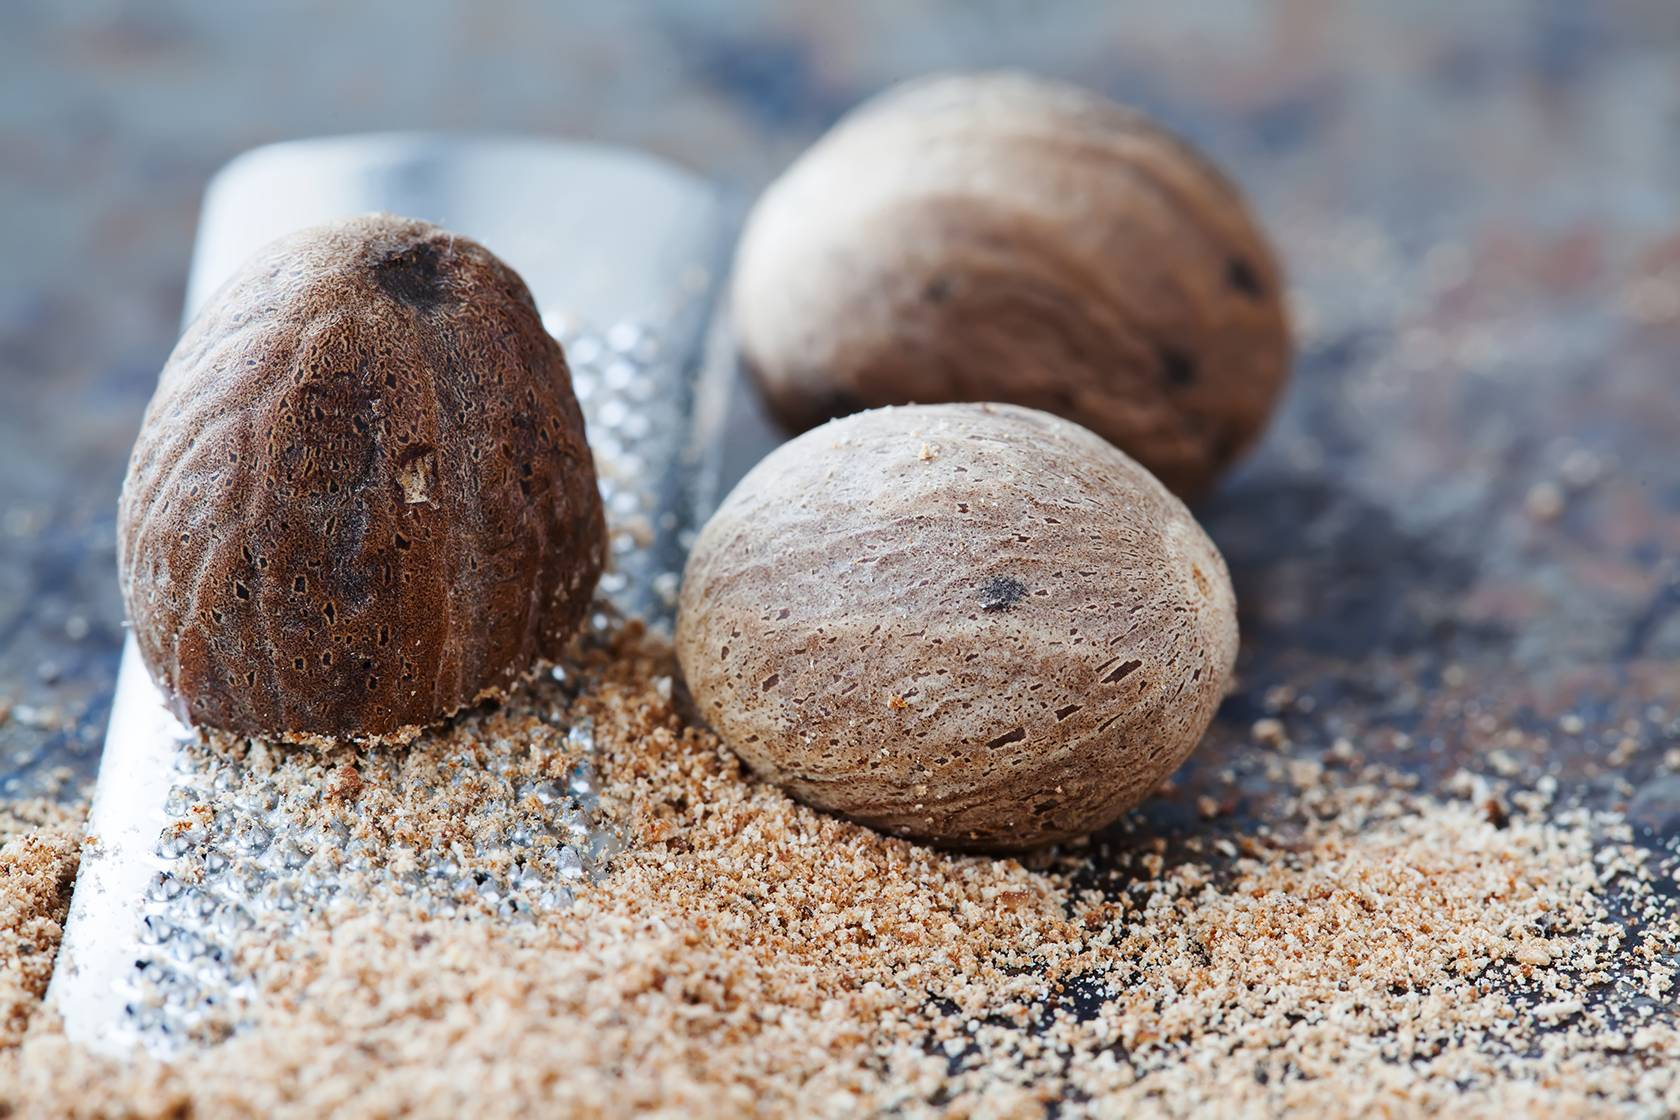 Мускатный орех: полезные свойства и противопоказания, 8 народных рецептов